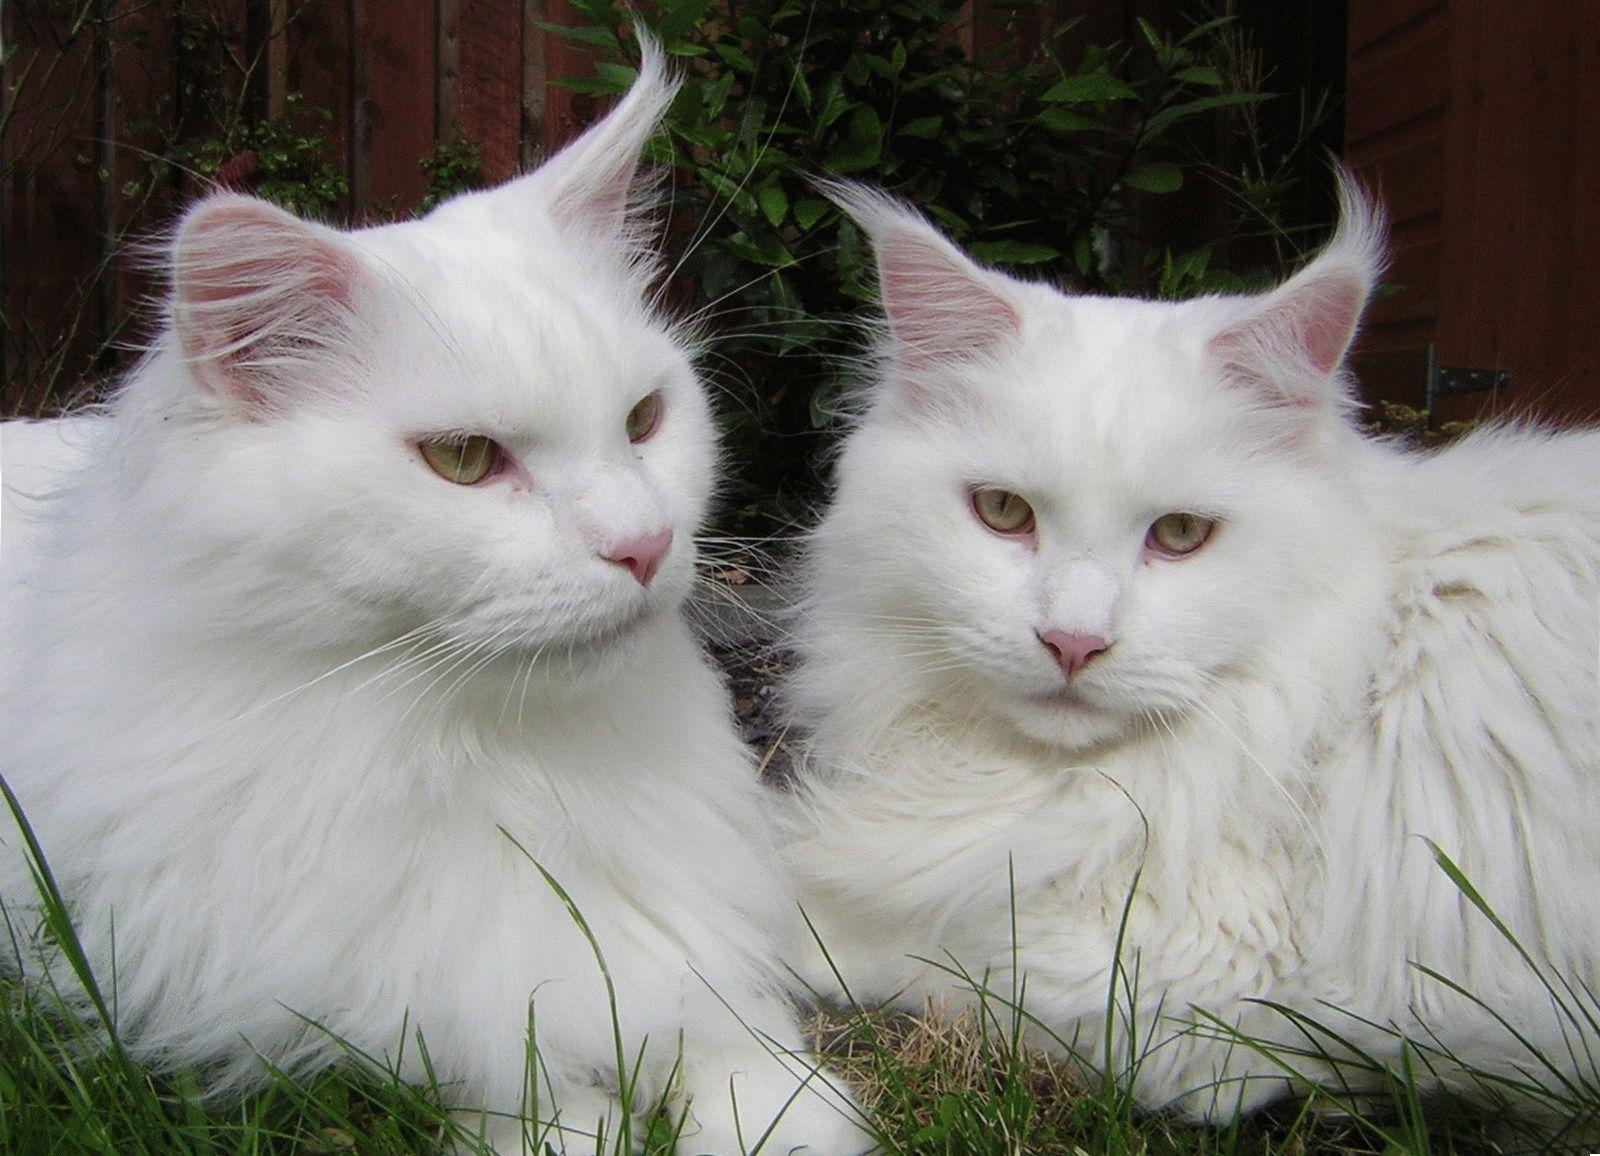 картинки большой белой кошки весьма добротный вездеход